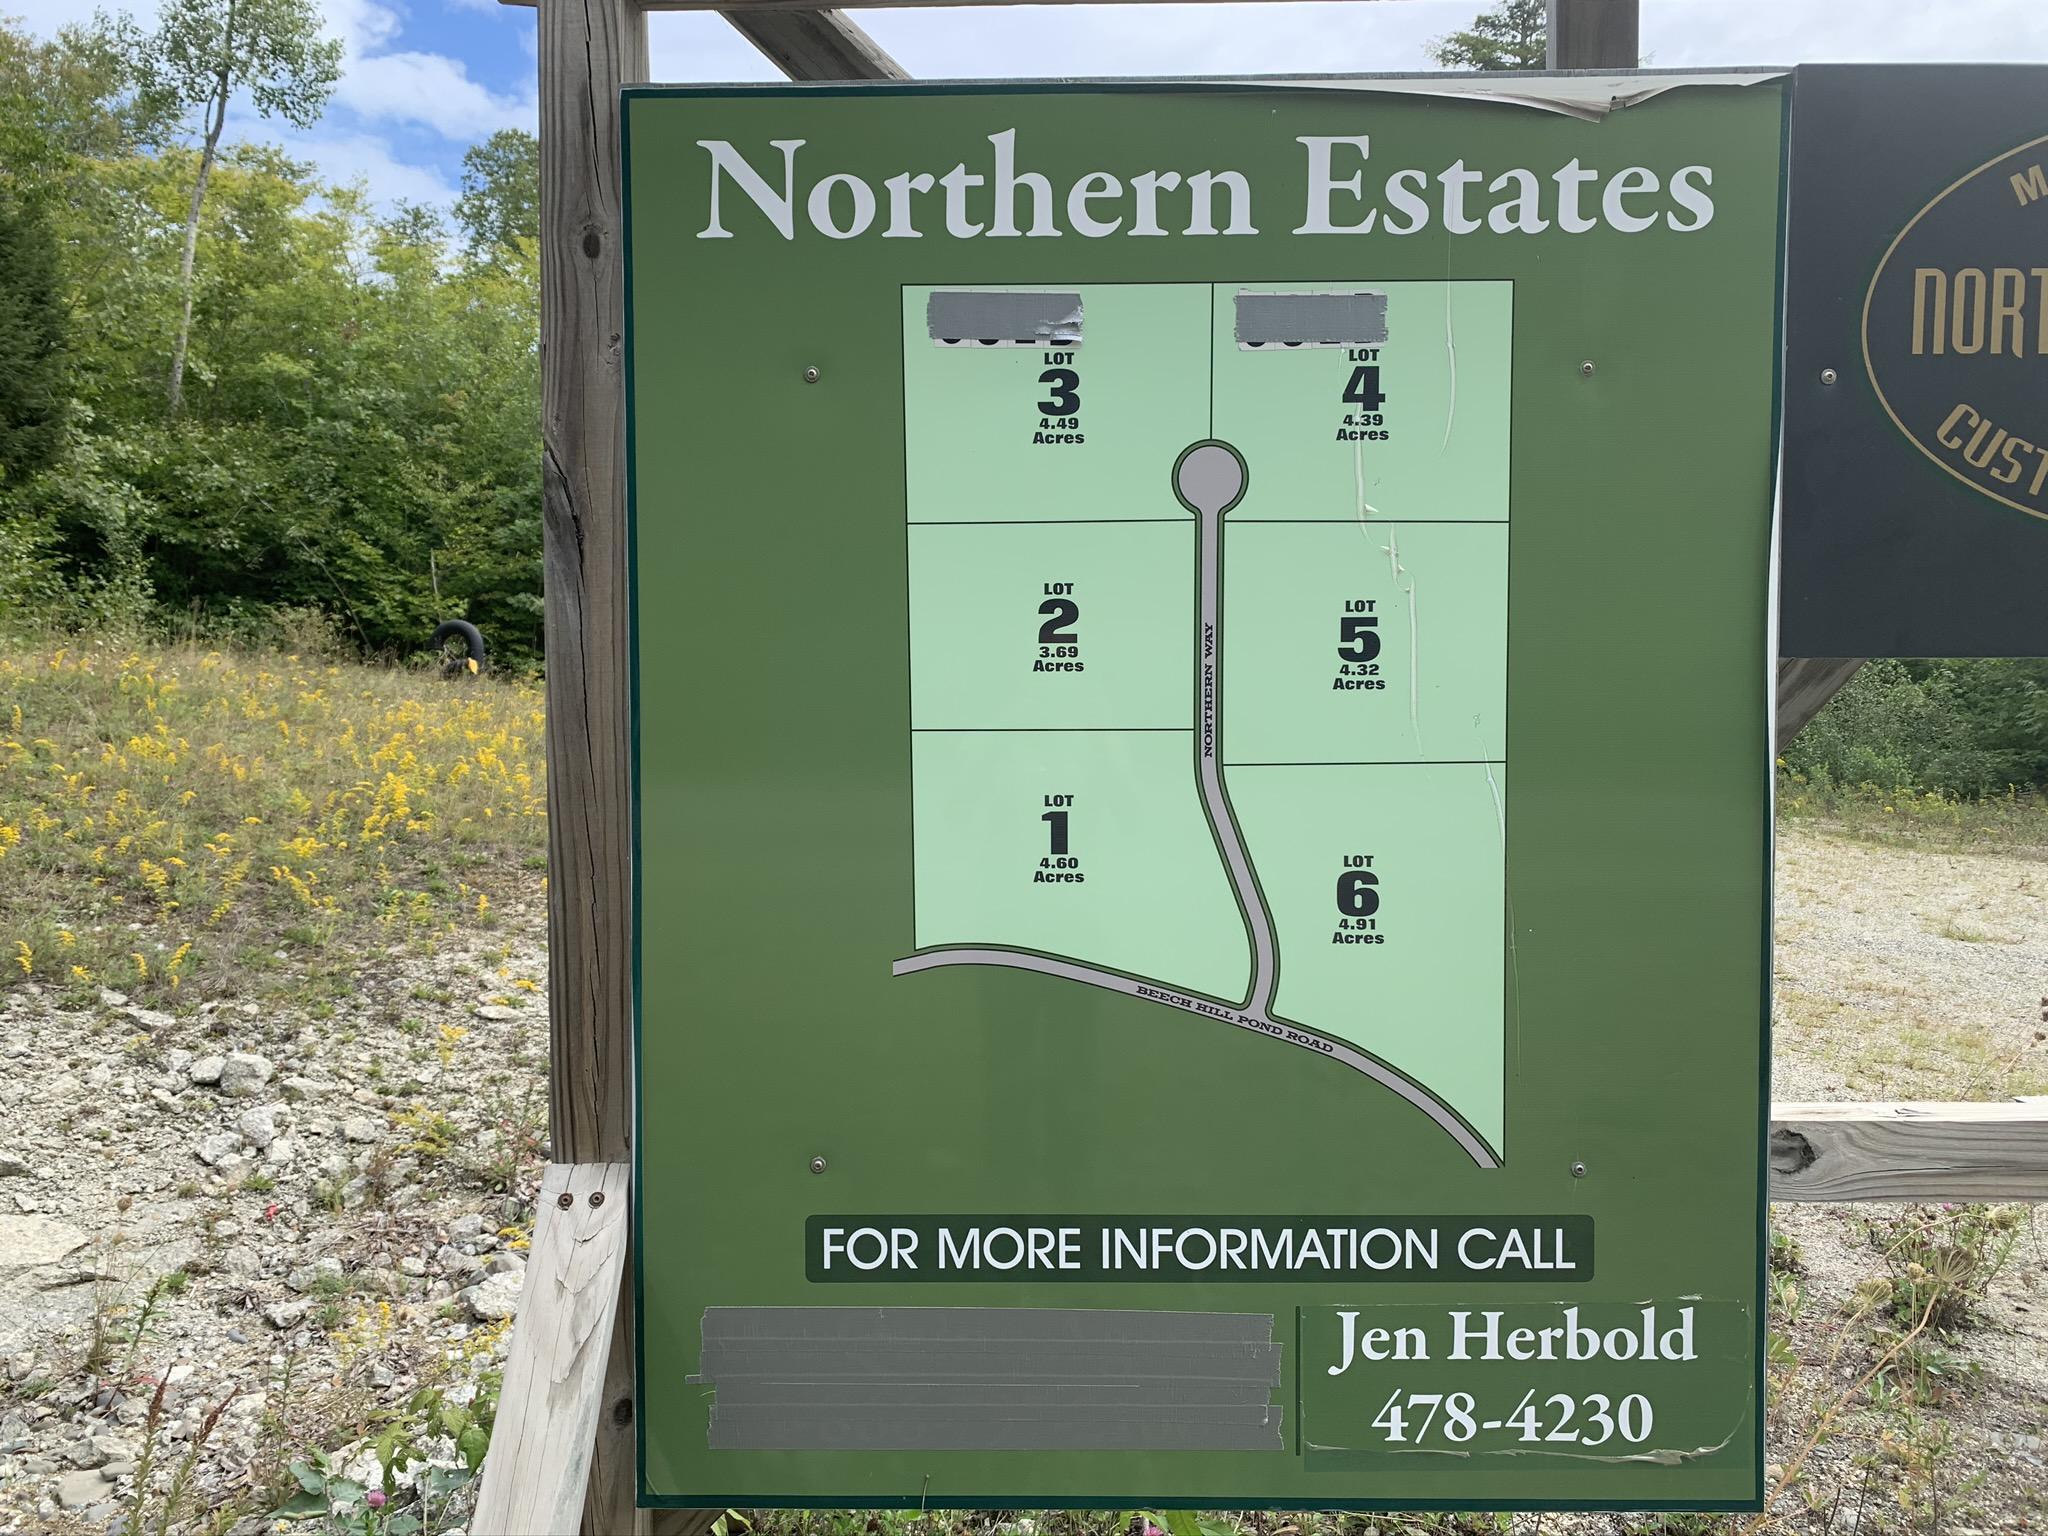 Lot 3 Northern Way Road